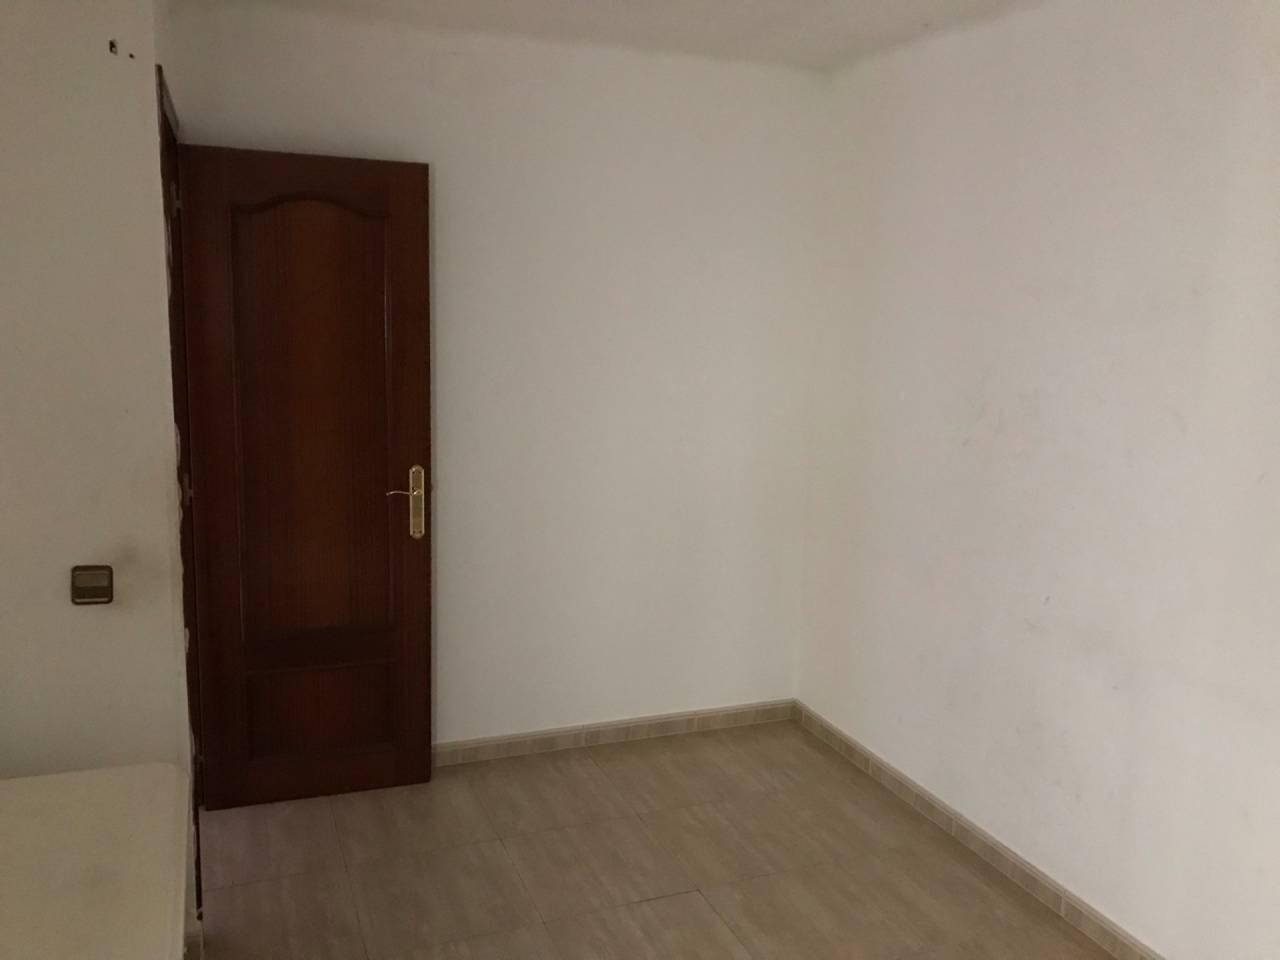 Venta de pisos y casas